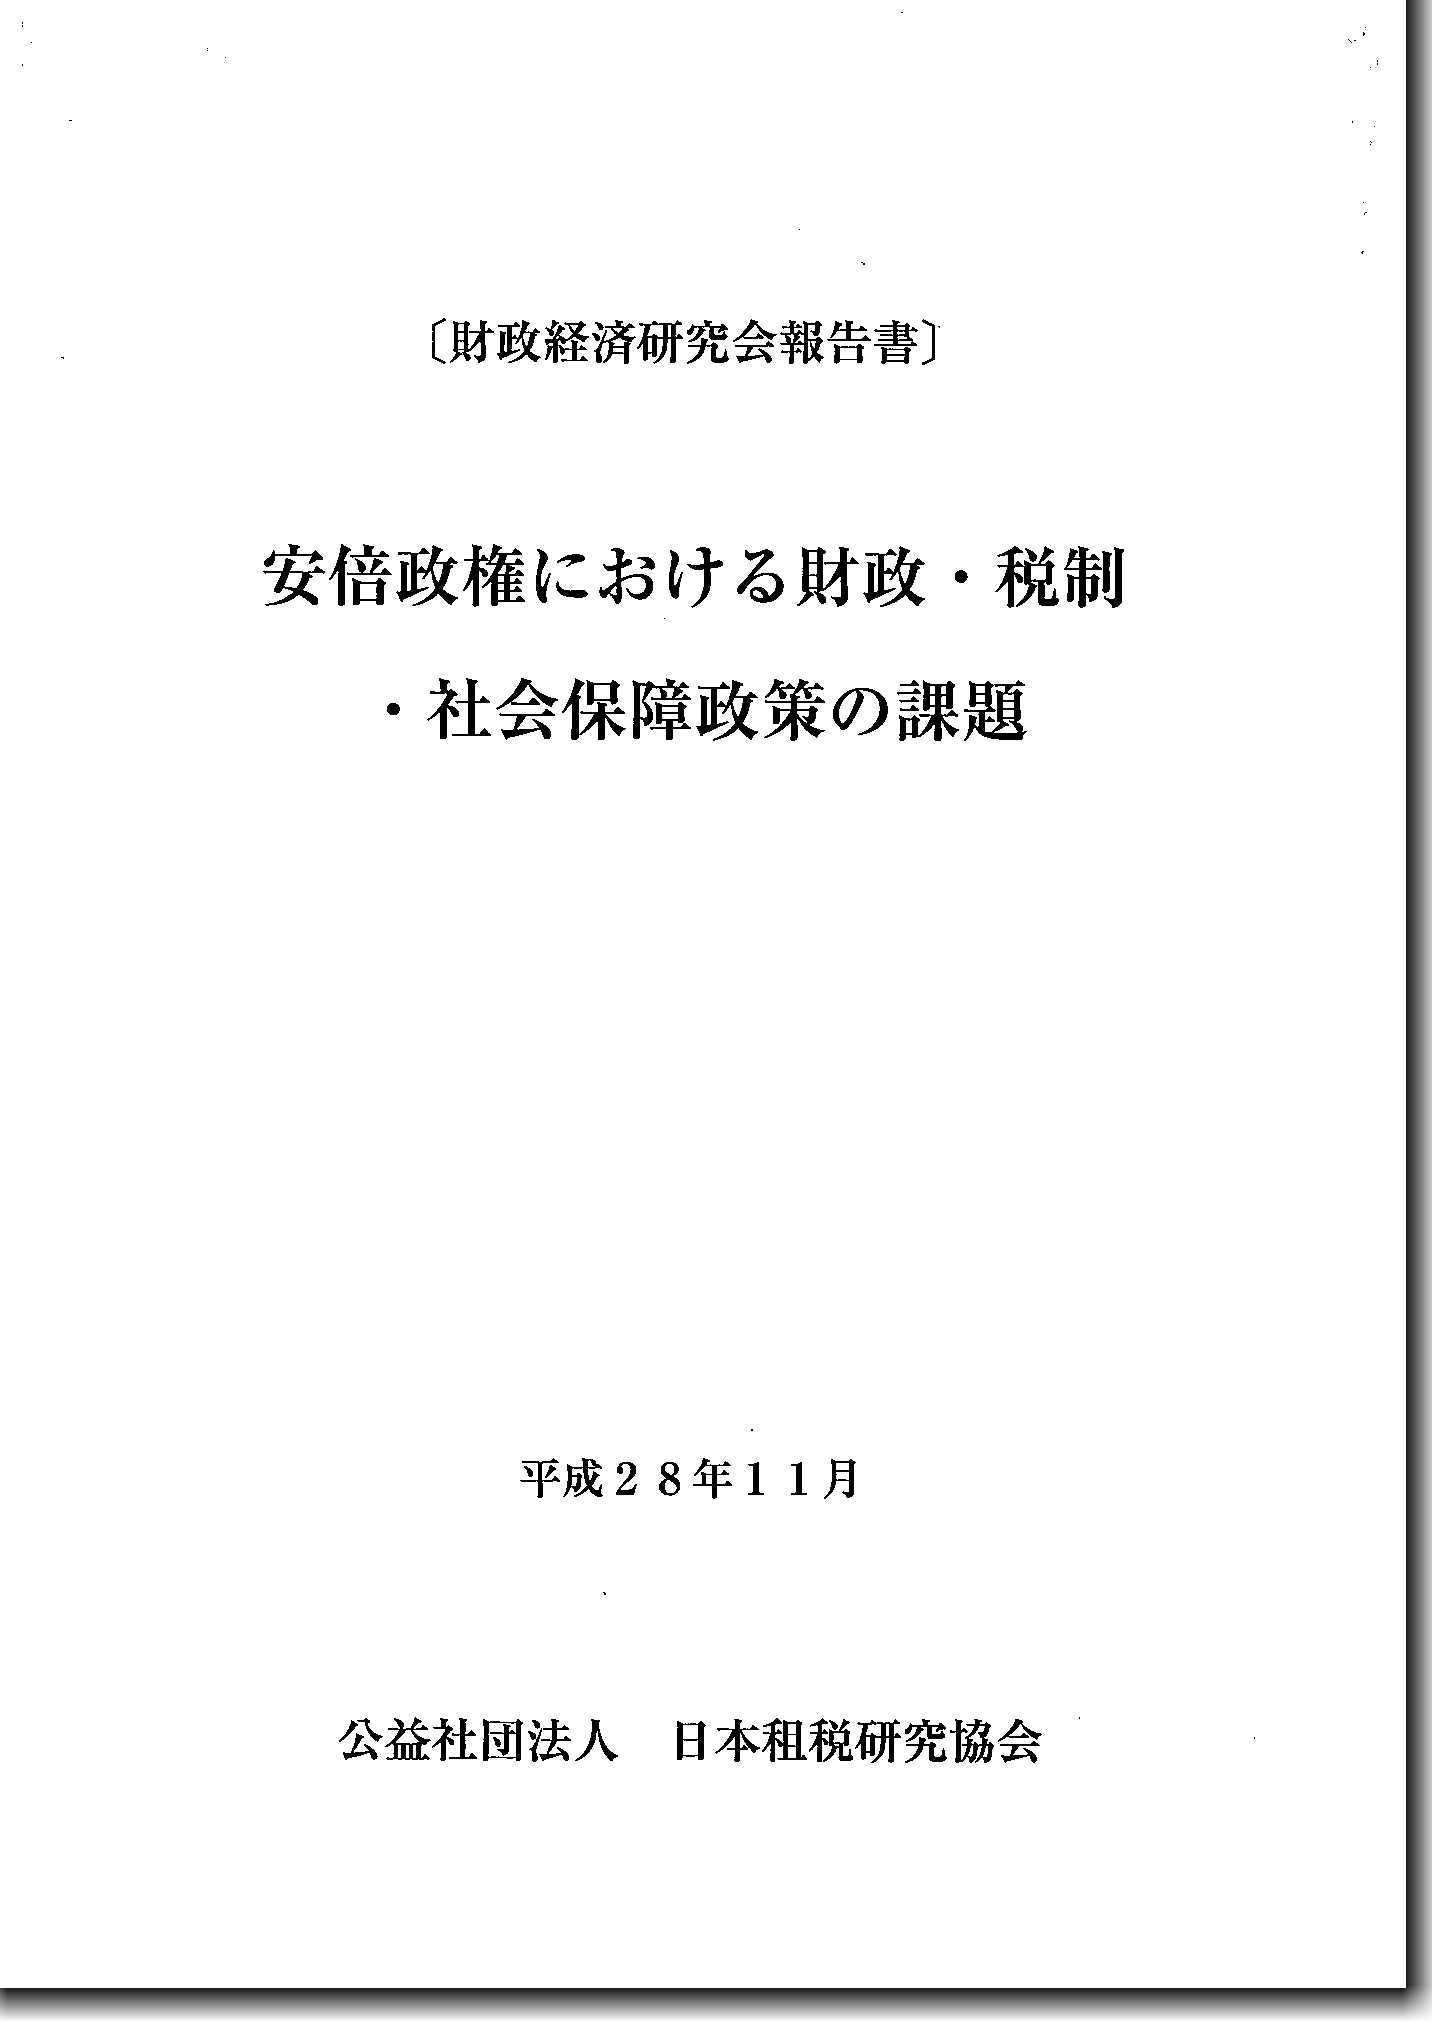 〔財政経済研究会報告書〕 安倍政権における財政・税制・社会保障政策の課題